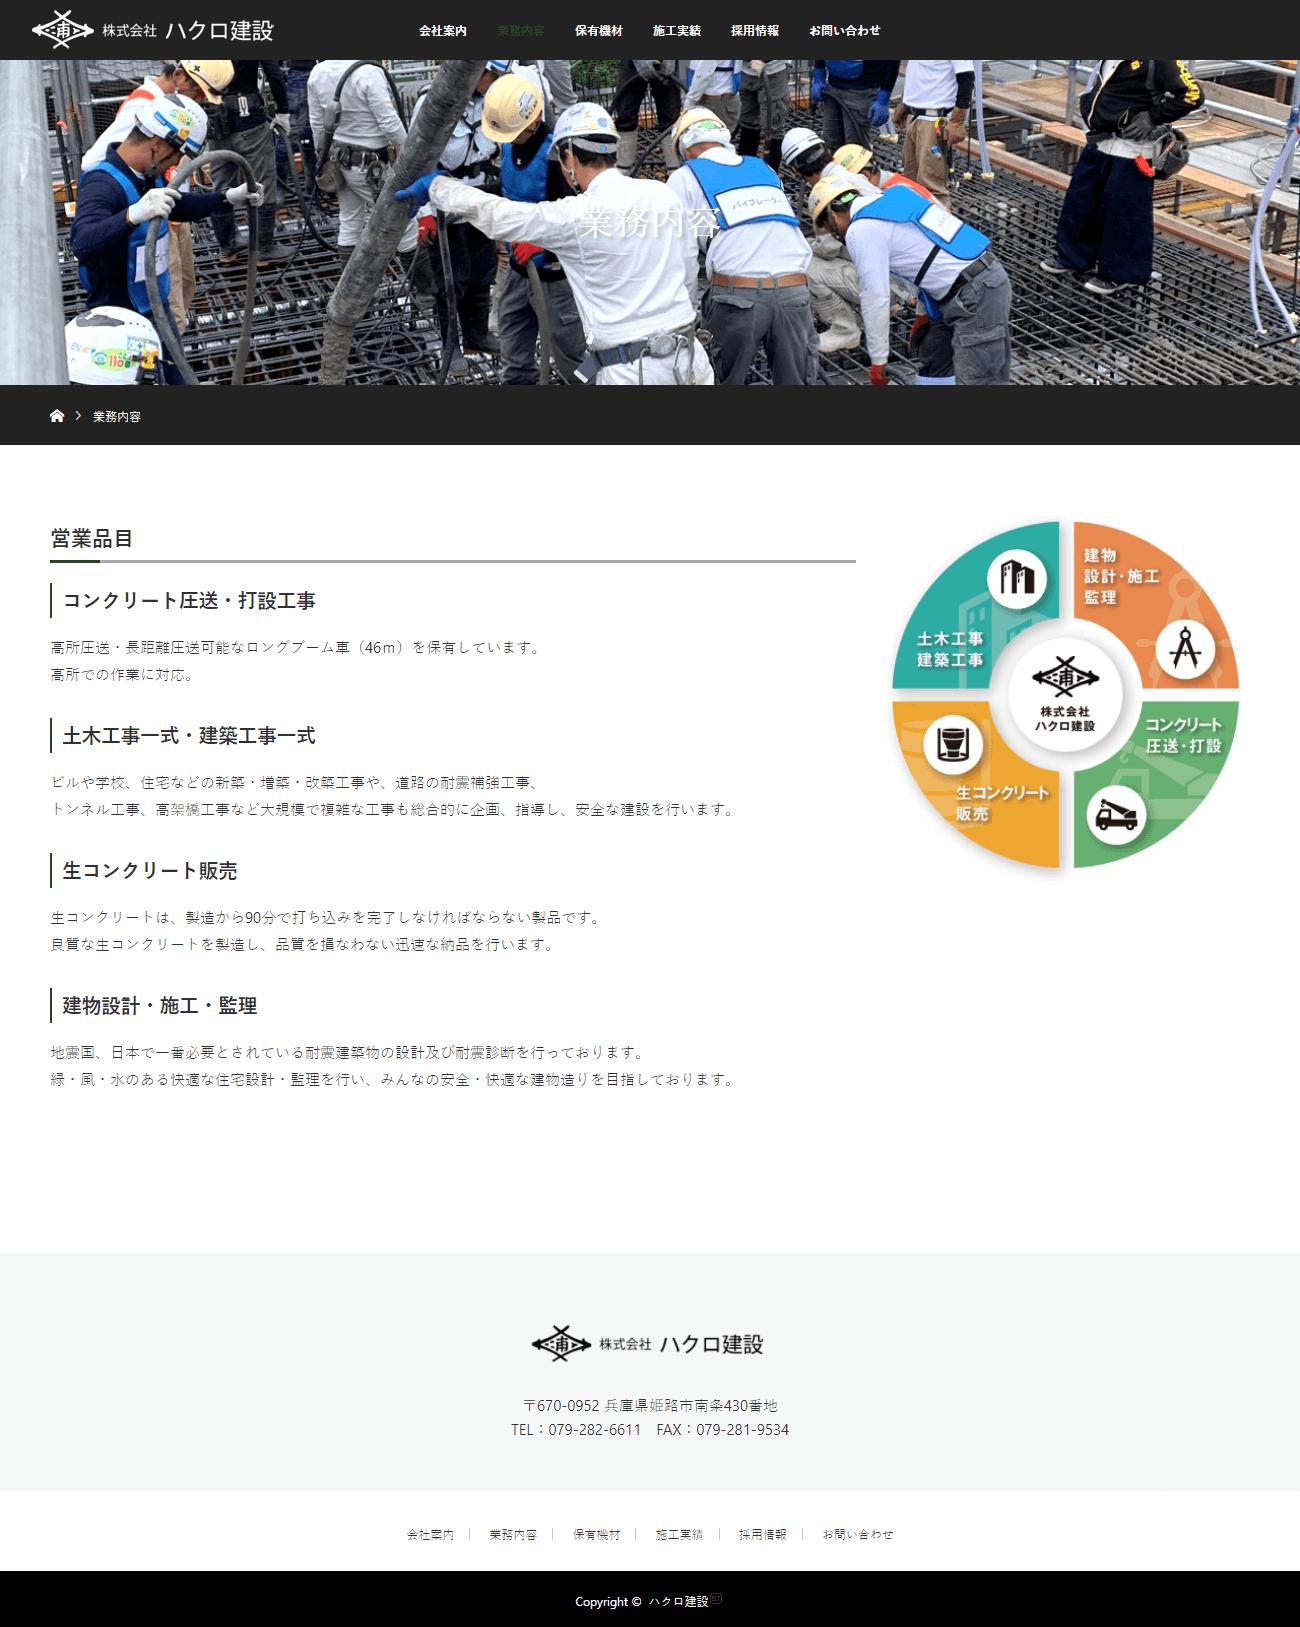 姫路市 株式会社ハクロ建設 ホームページ制作2